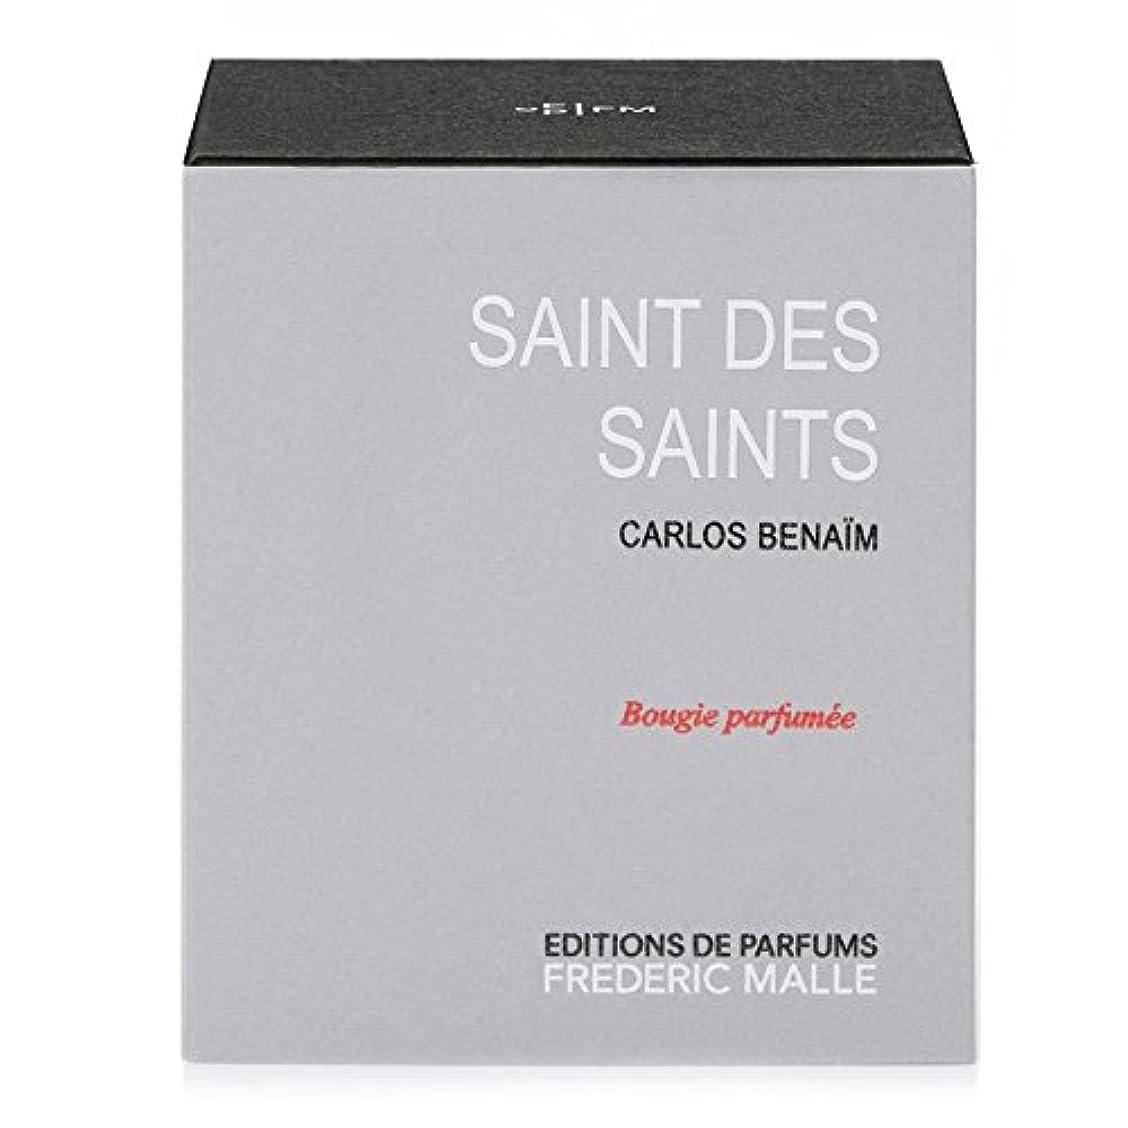 水星懲らしめ呼ぶFrederic Malle Saint Des Saints Scented Candle 220g - フレデリック?マル聖人デ聖人の香りのキャンドル220グラム [並行輸入品]